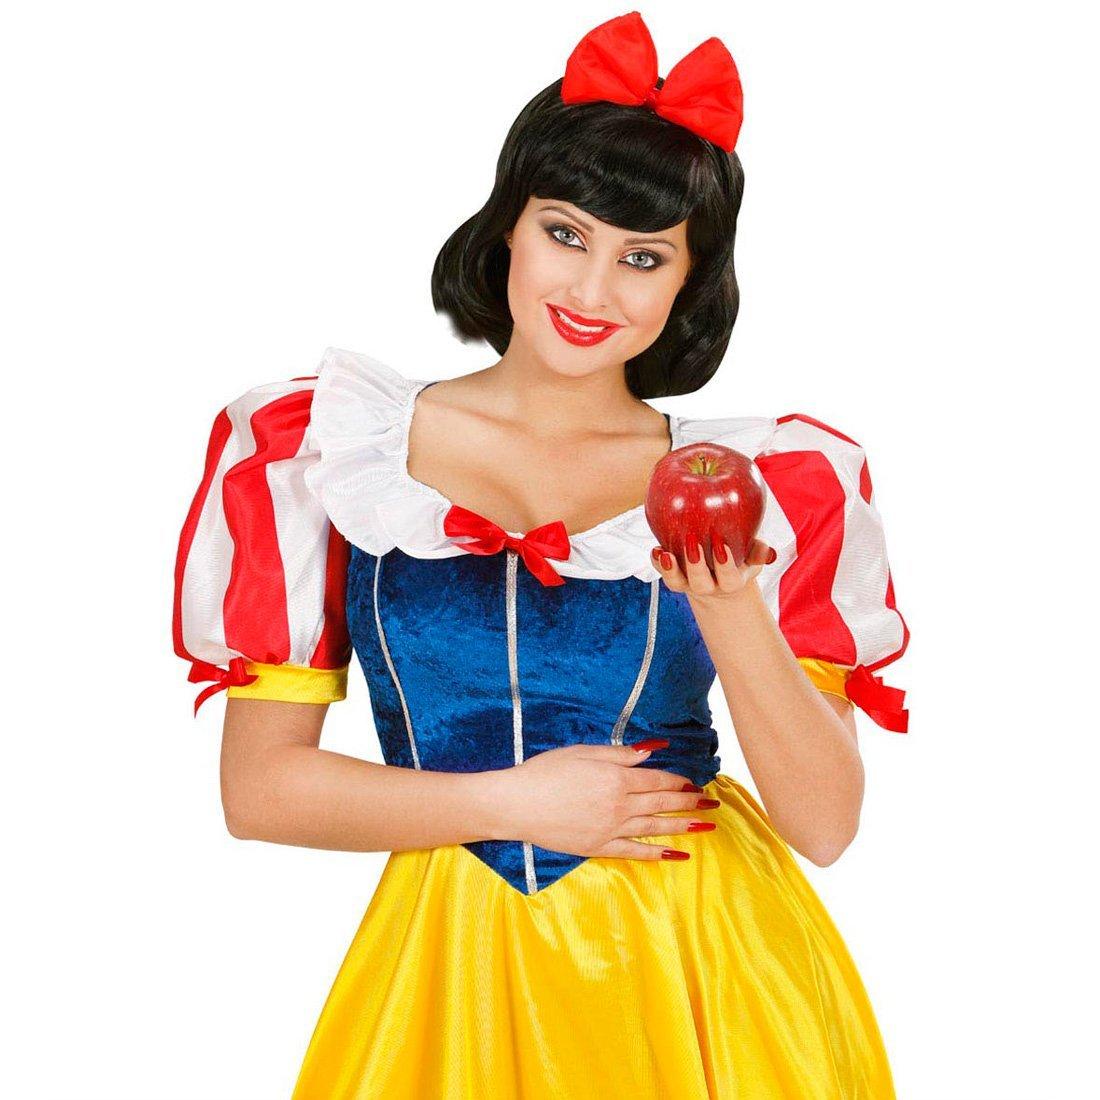 NET TOYS Blanche-Neige serre-tê te princesse bandeau pour cheveux carnaval serre-tê te avec ruban cheveux bandeau dé guisement accessoire conte de fé es